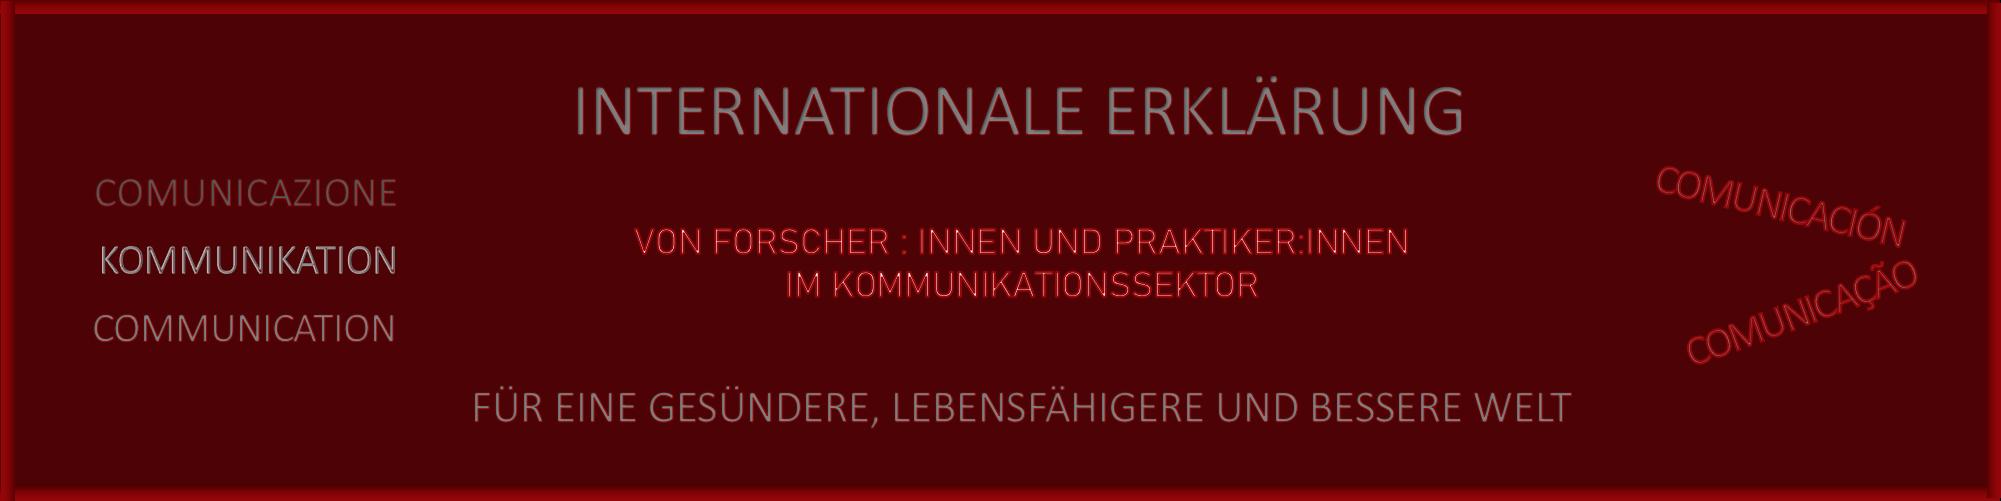 Déclaration internationale en russe.